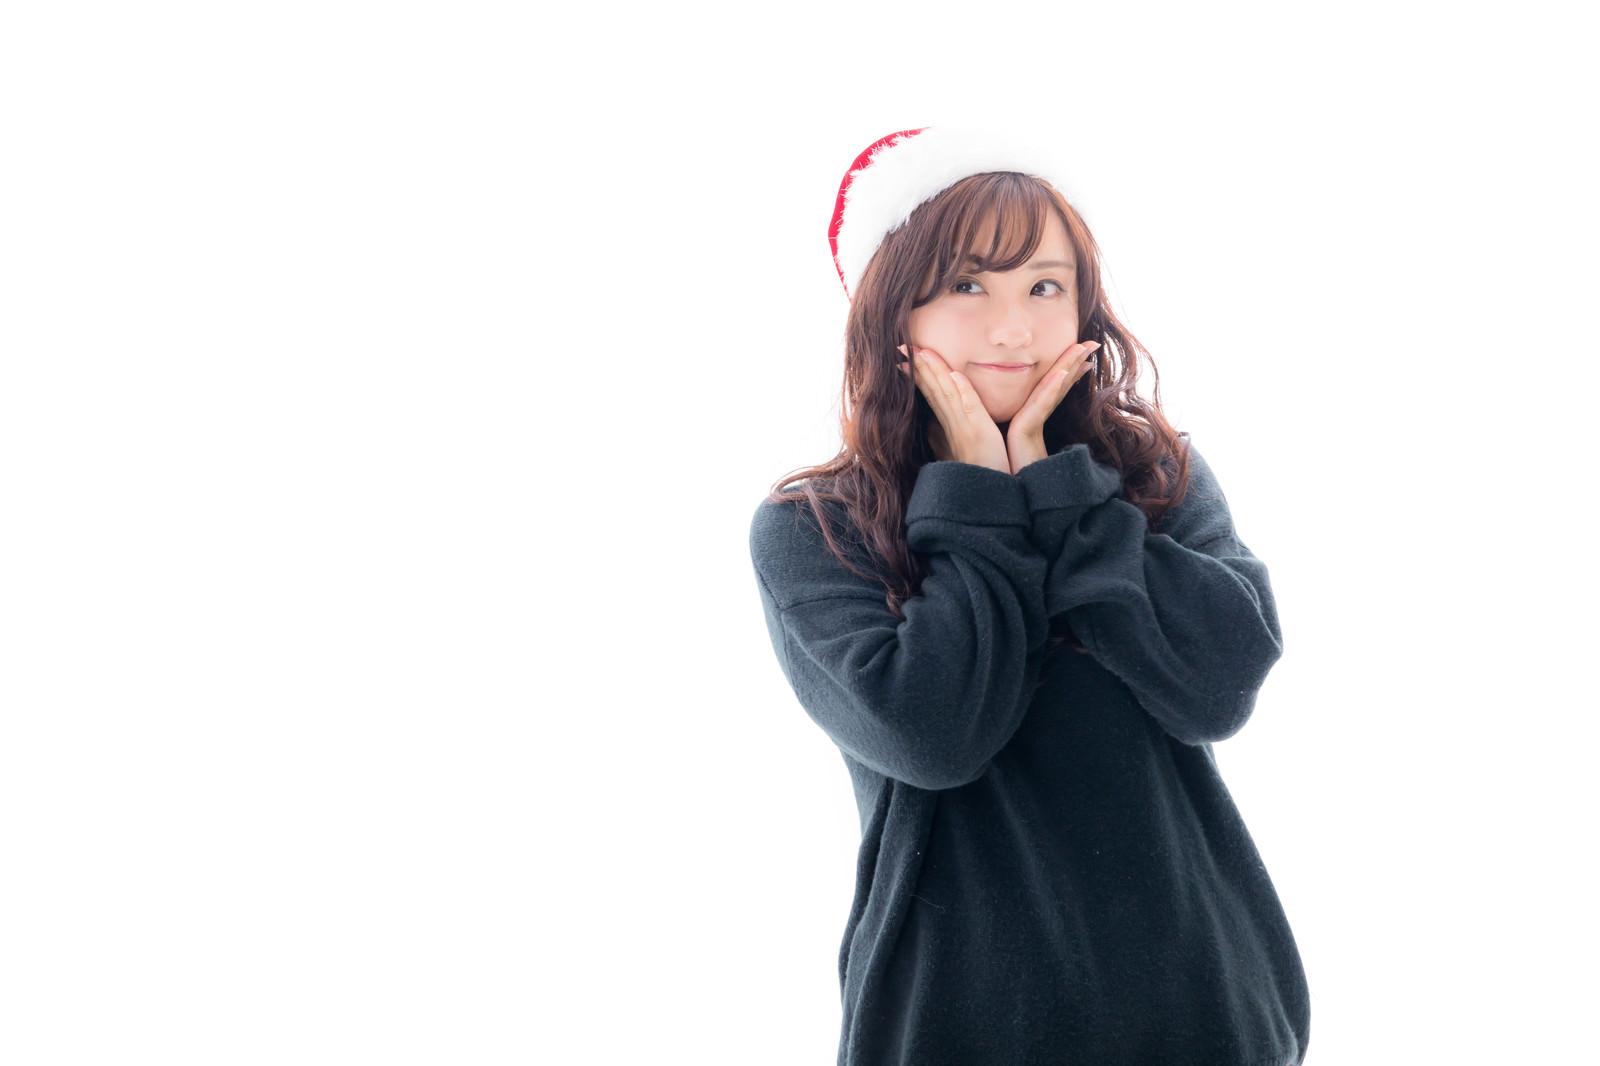 「クリスマスが待ちきれない女子」の写真[モデル:河村友歌]